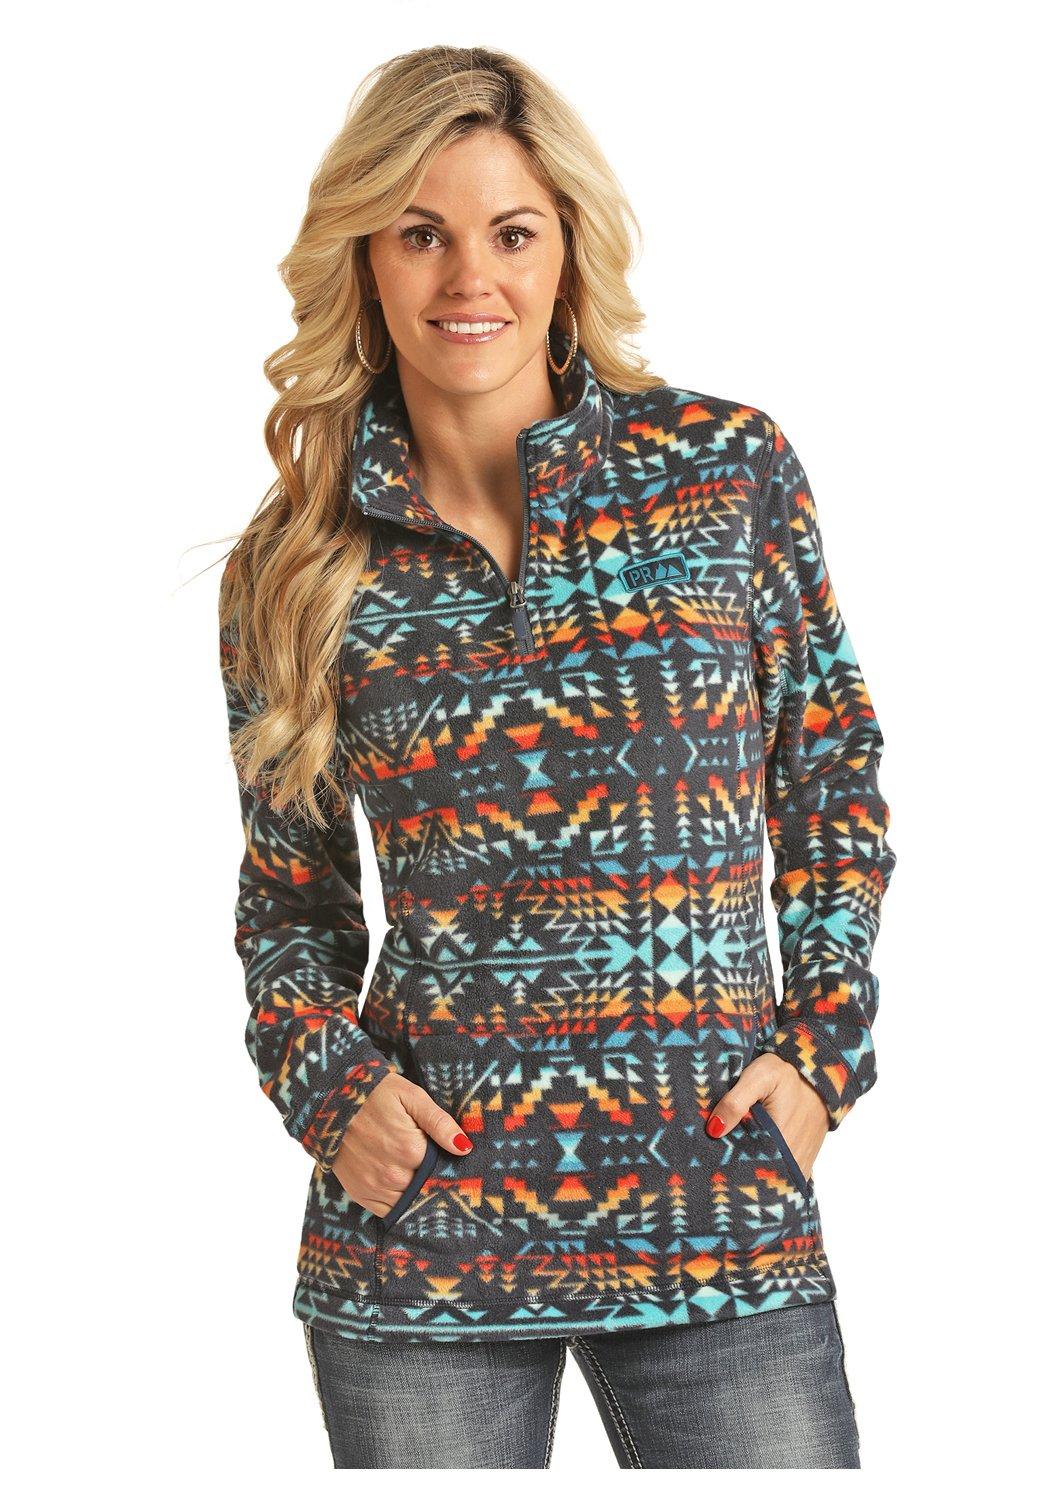 Aztec Fleece 1/4 Zip Pullover from Powder River